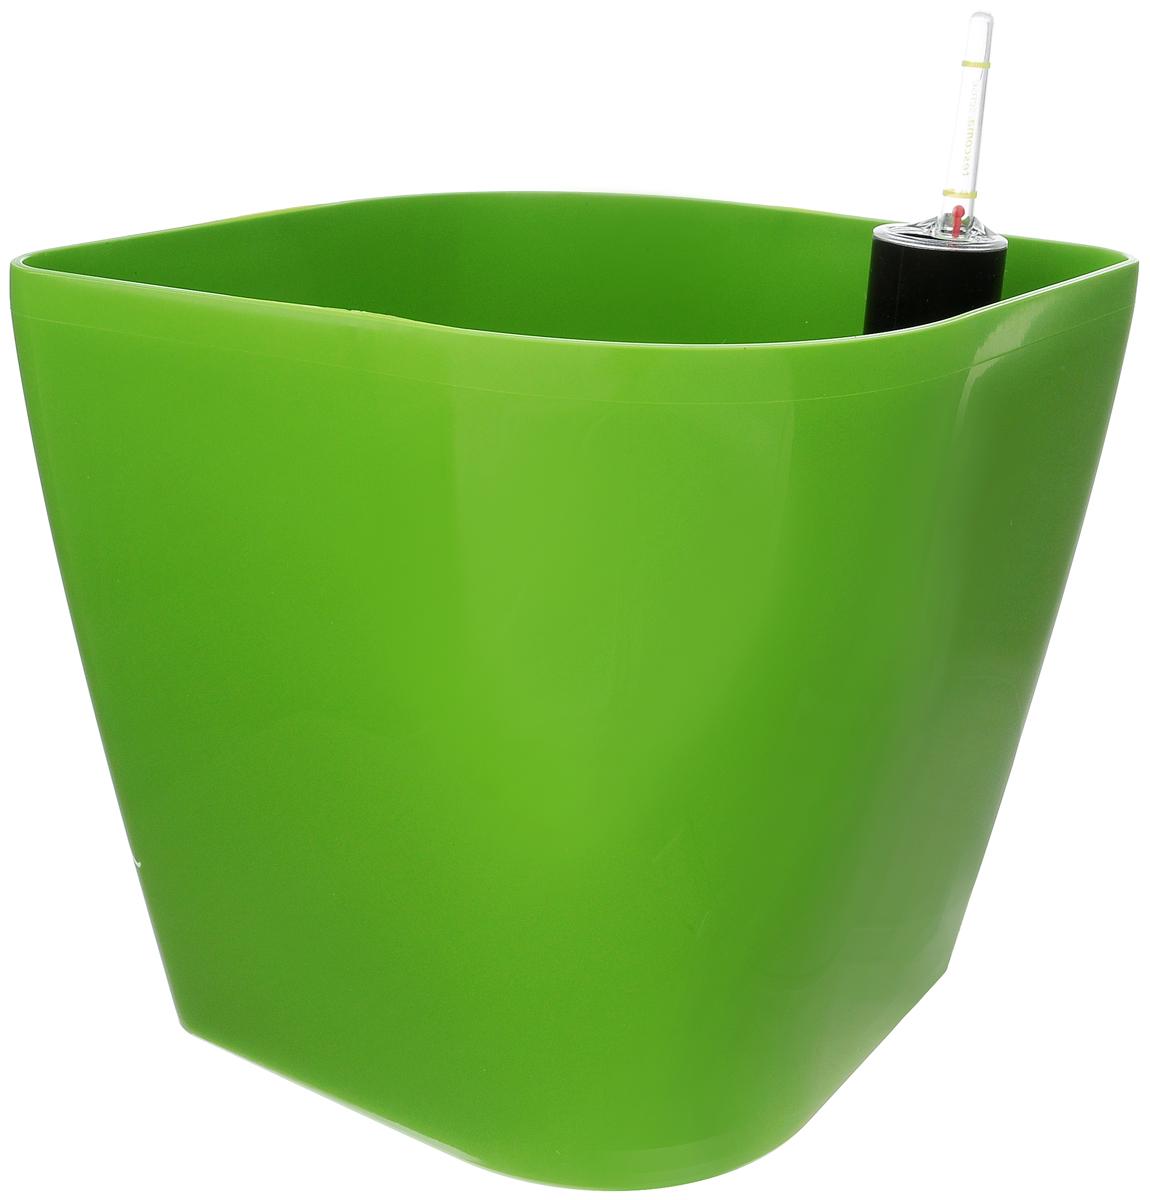 Горшок цветочный Tescoma Sense, с самополивом, цвет: зеленый, 20 х 20 х 20 смZ-0307Цветочный горшок Tescoma Sense изготовлен из прочного пластика. Снабжен системой самополива, которая позволяет растению получать влагу из нижней части горшка непрерывно. Необходимо наполнять резервуар раз в 4-8 недель. Горшок подходит для выращивания растений и кактусов, имеет индикатор уровня воды. Горшок и разделительную сетку можно мыть в посудомоечной машине; не мыть индикатор уровня воды в посудомоечной машине. Инструкция по применению прилагается.